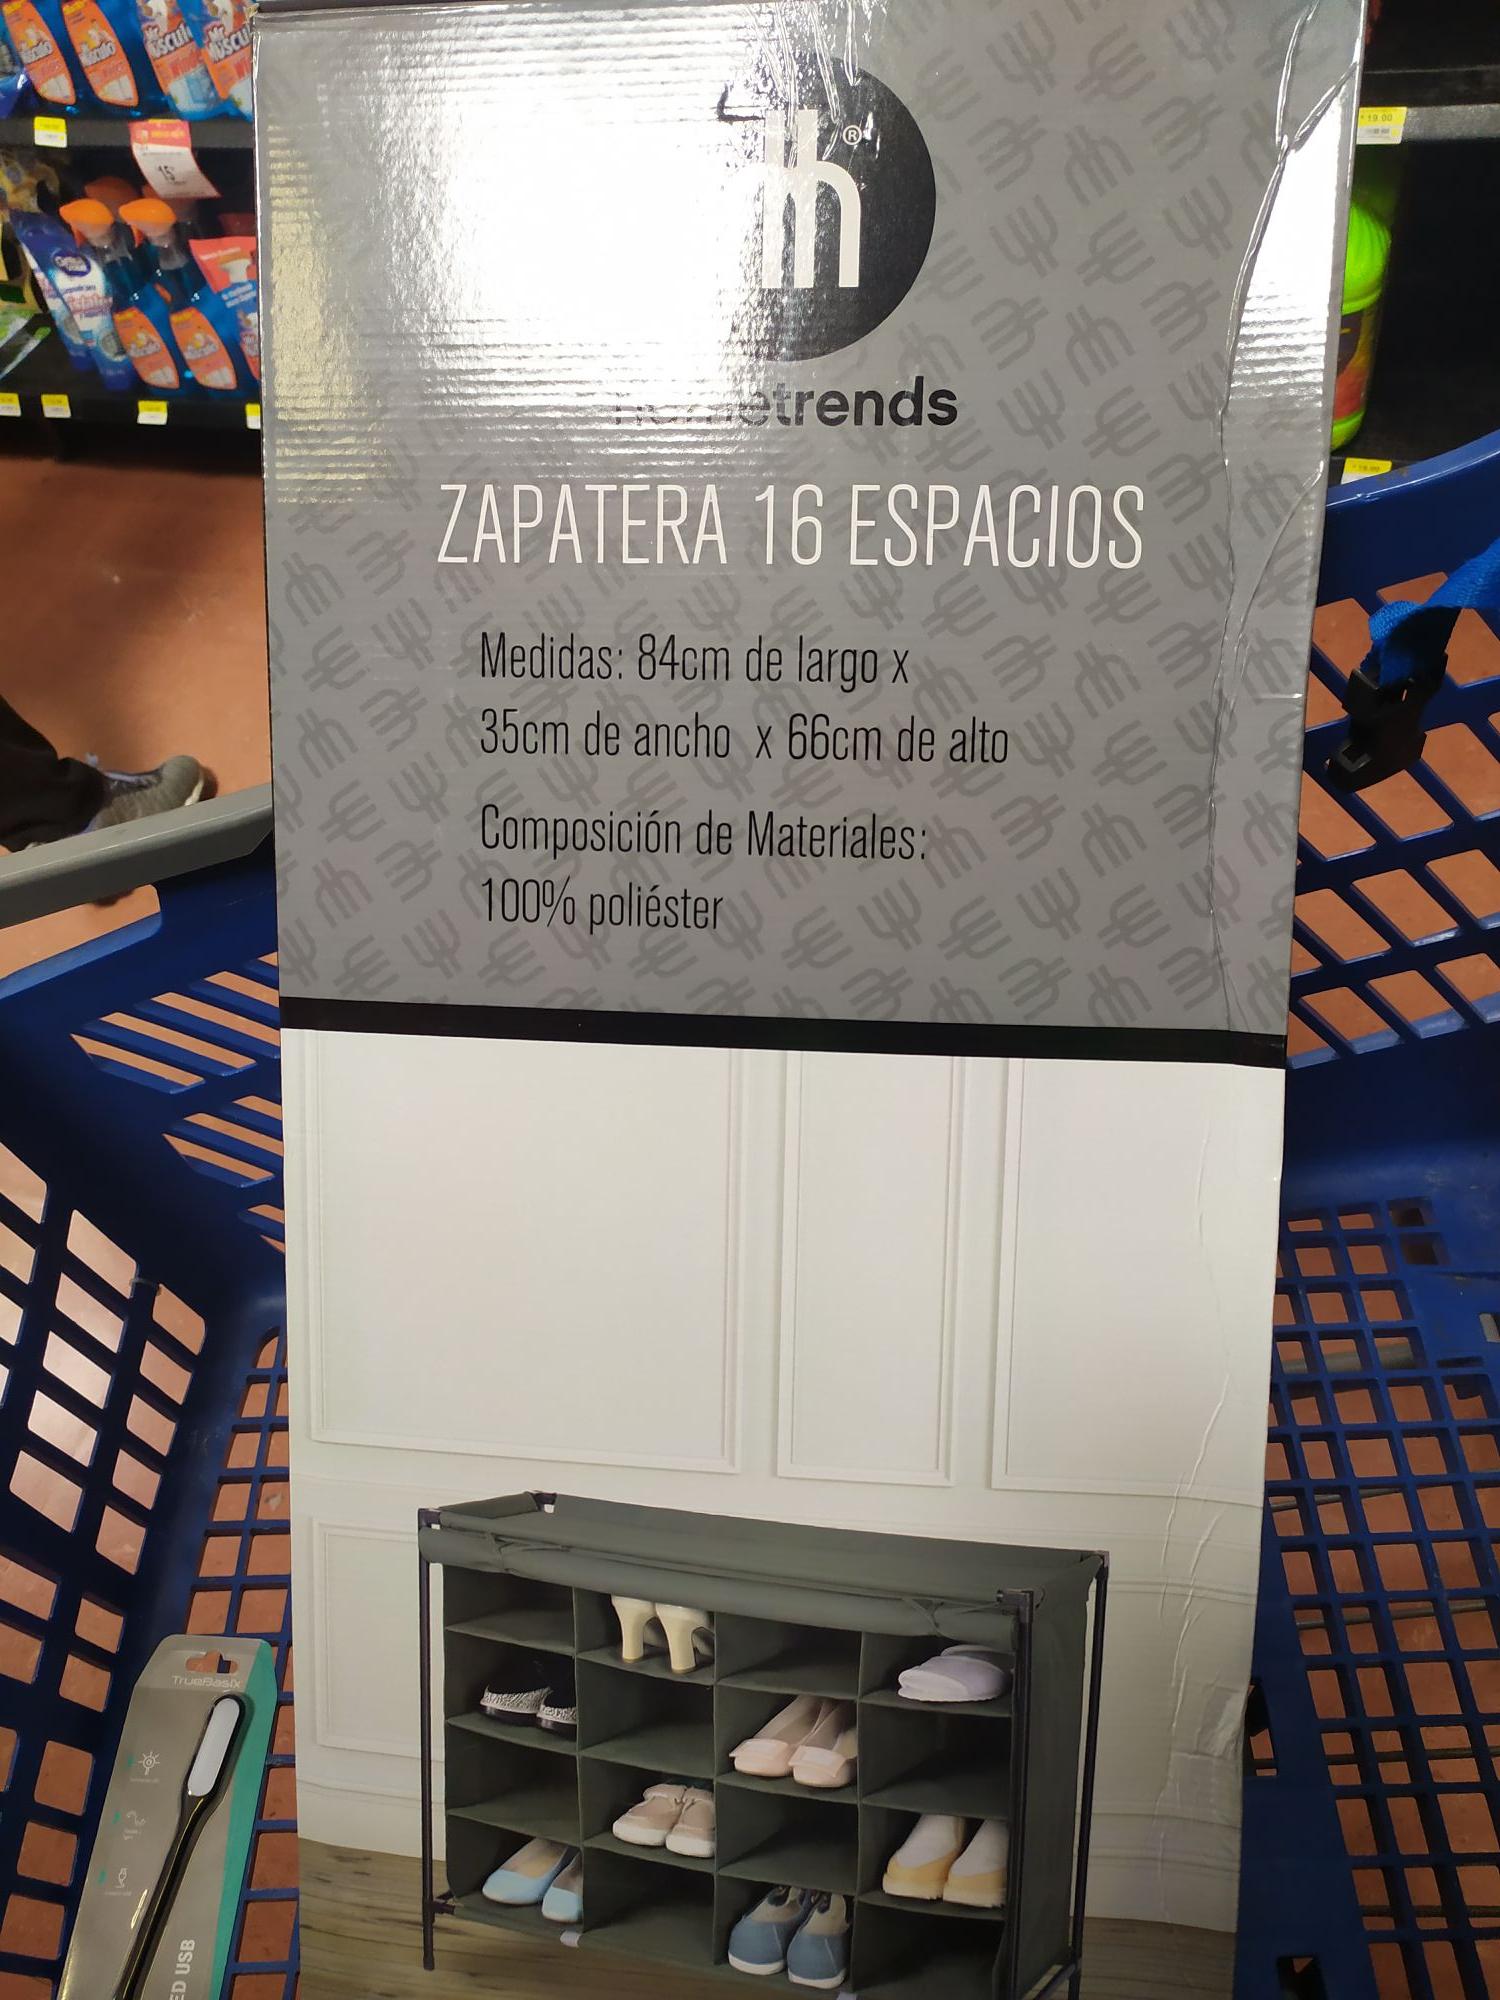 Madriguera Walmart: Zapatera Hometrends